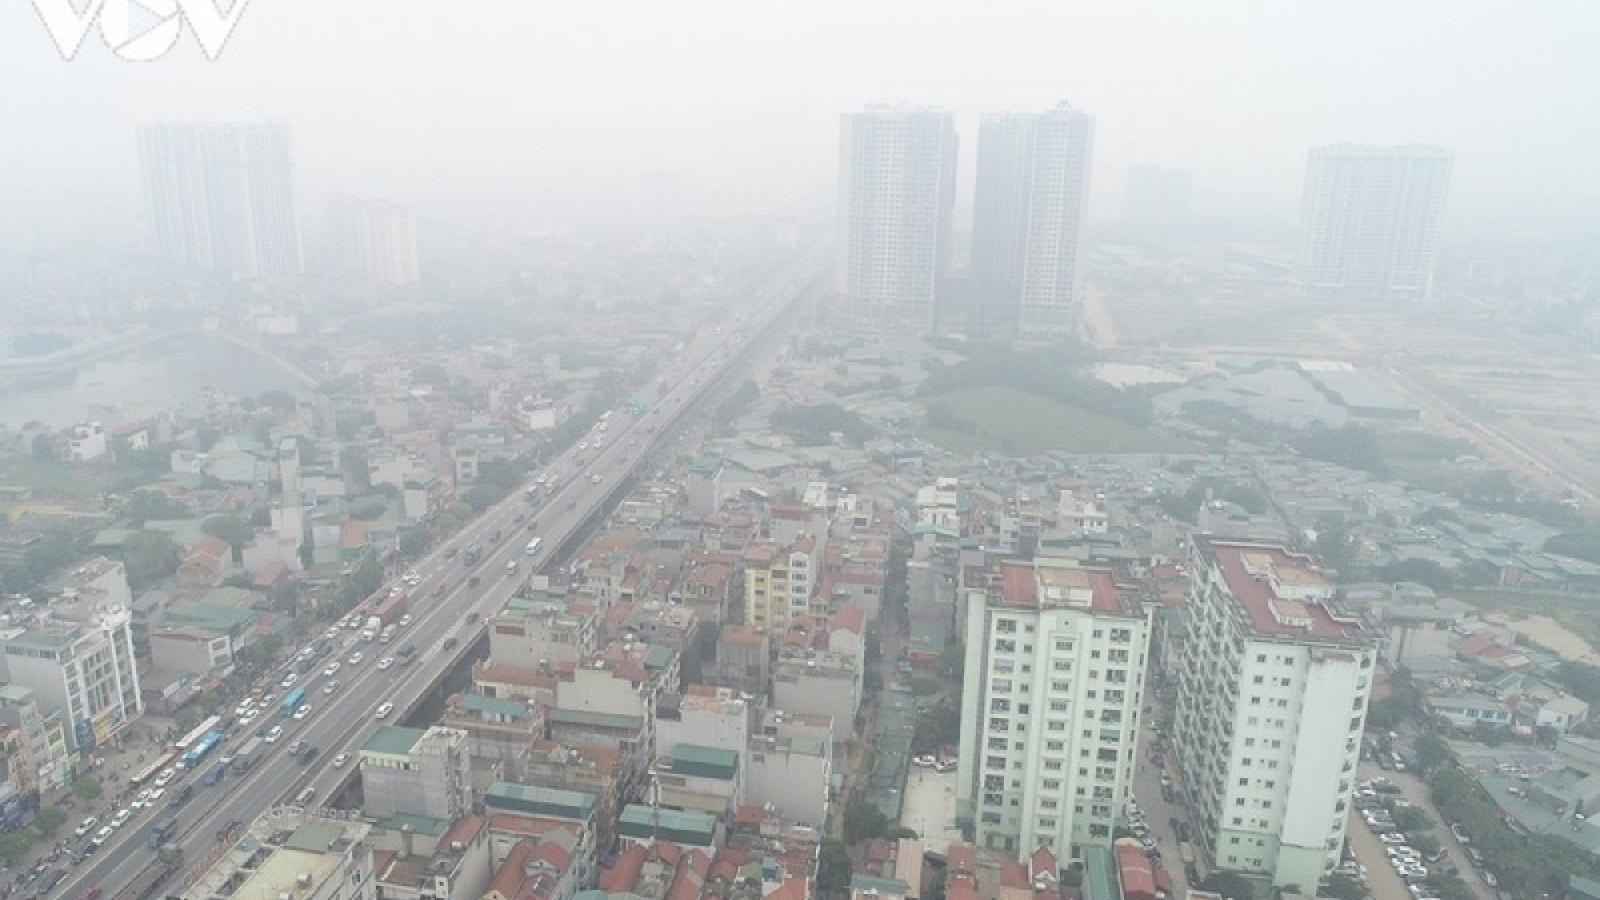 Đến năm 2025 sẽ kiểm soát, dự báo được diễn biến chất lượng không khí